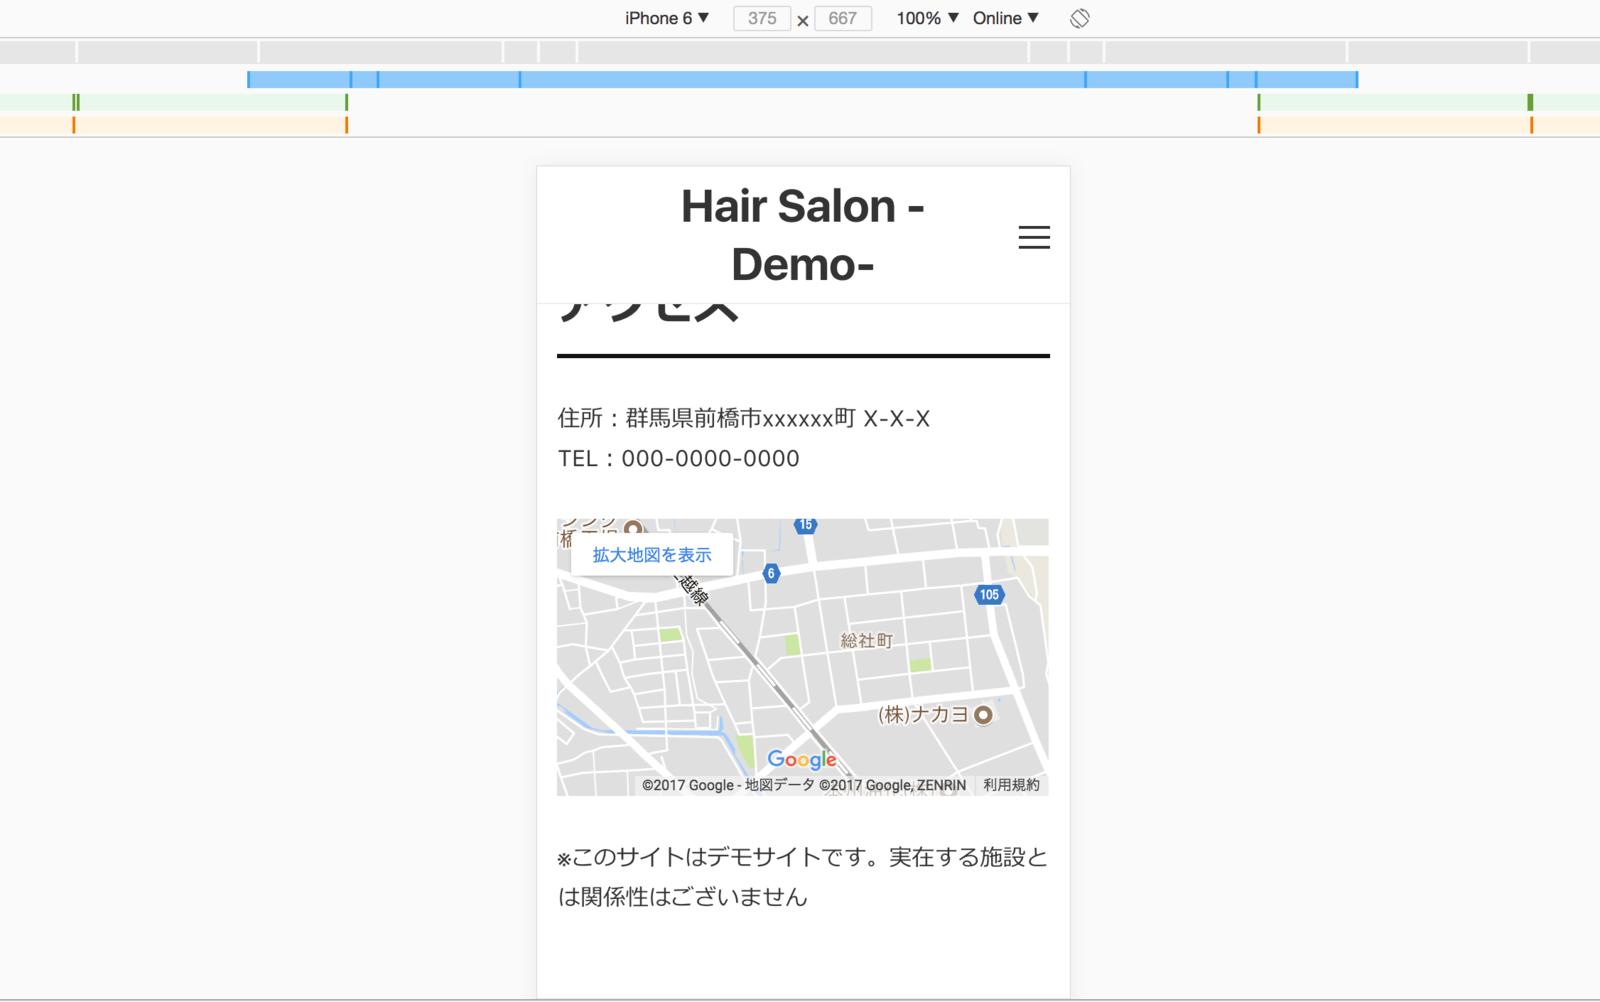 iframeのレスポンシブ対応が自動で出来るのでGoogleマップもキレイに表示される